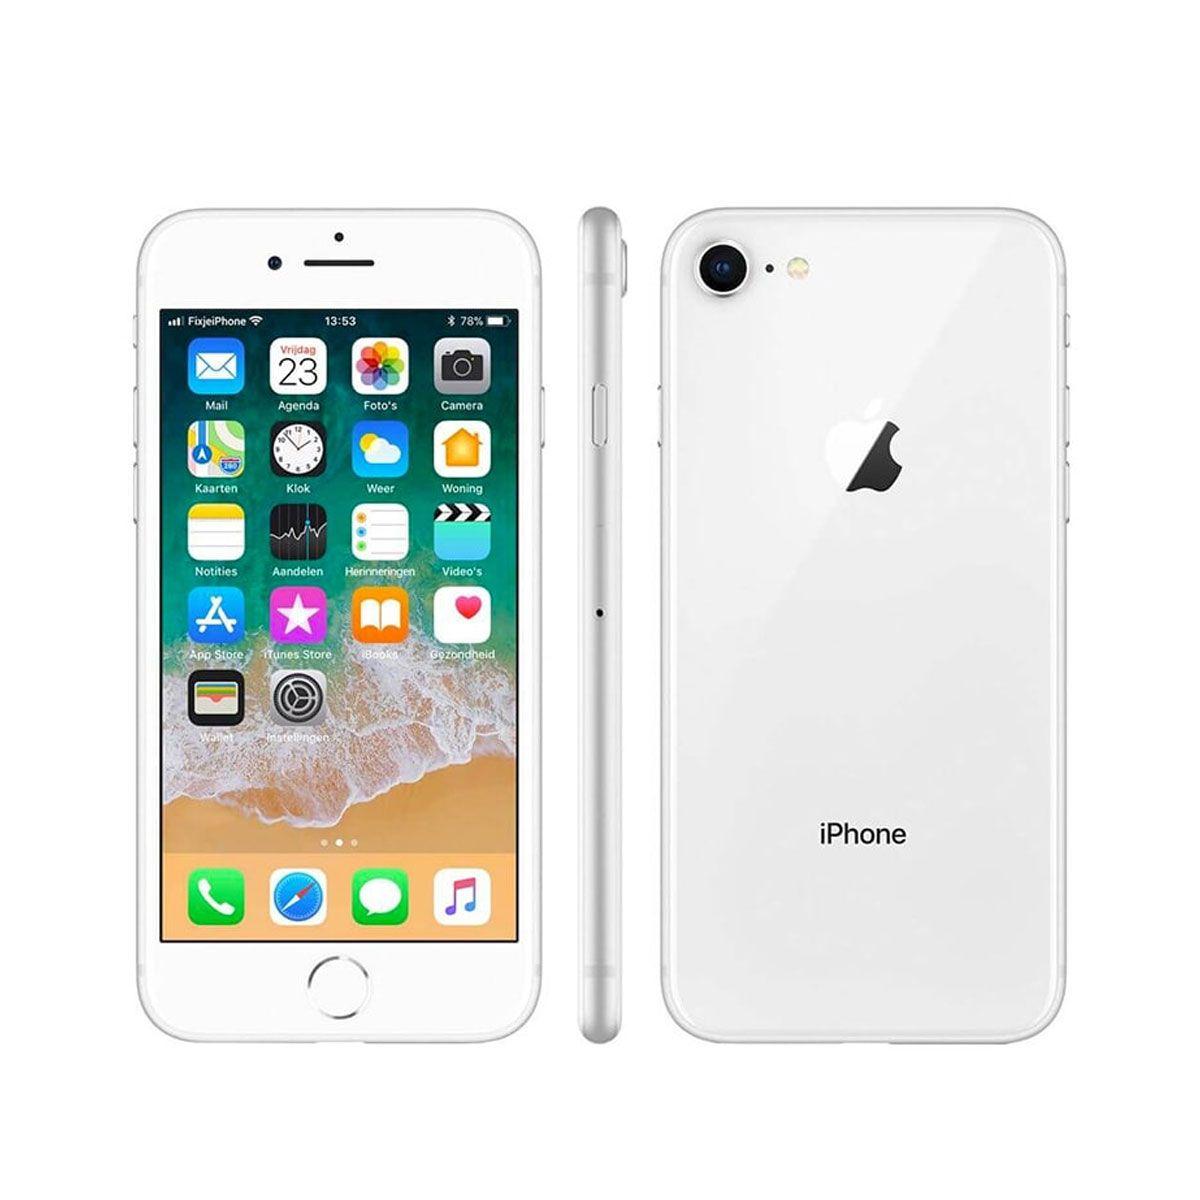 گوشی-موبایل-اپل-آیفون-ایت-Apple-iPhone-8......jpg